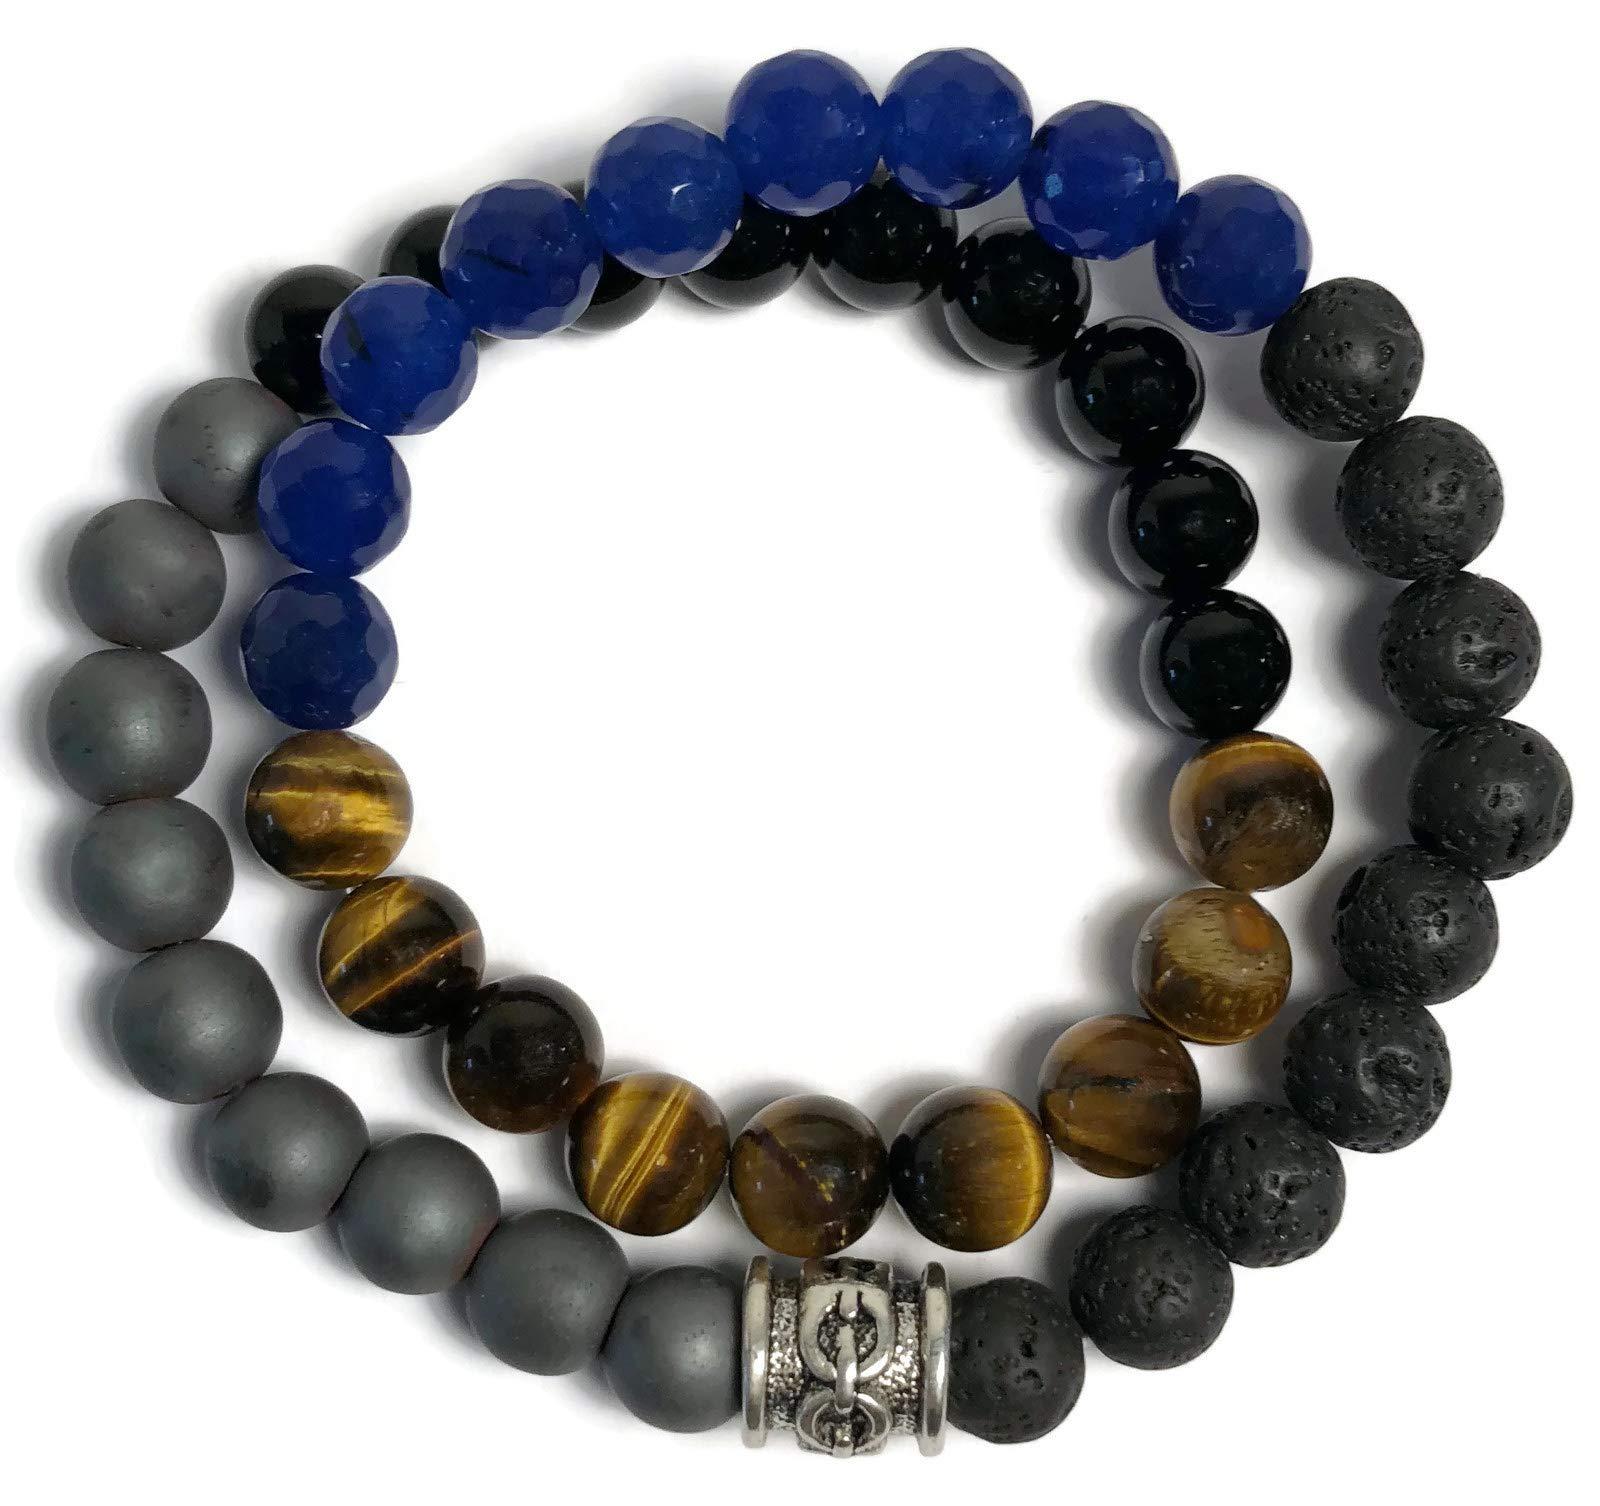 KarmaArm Success: Black Onyx | Hematite | Tigers Eye | Lava Stone | Sapphire Beaded Reiki Yoga Chakra Bracelet, Meditation Jewelry Boho Stretch Bracelets (7)